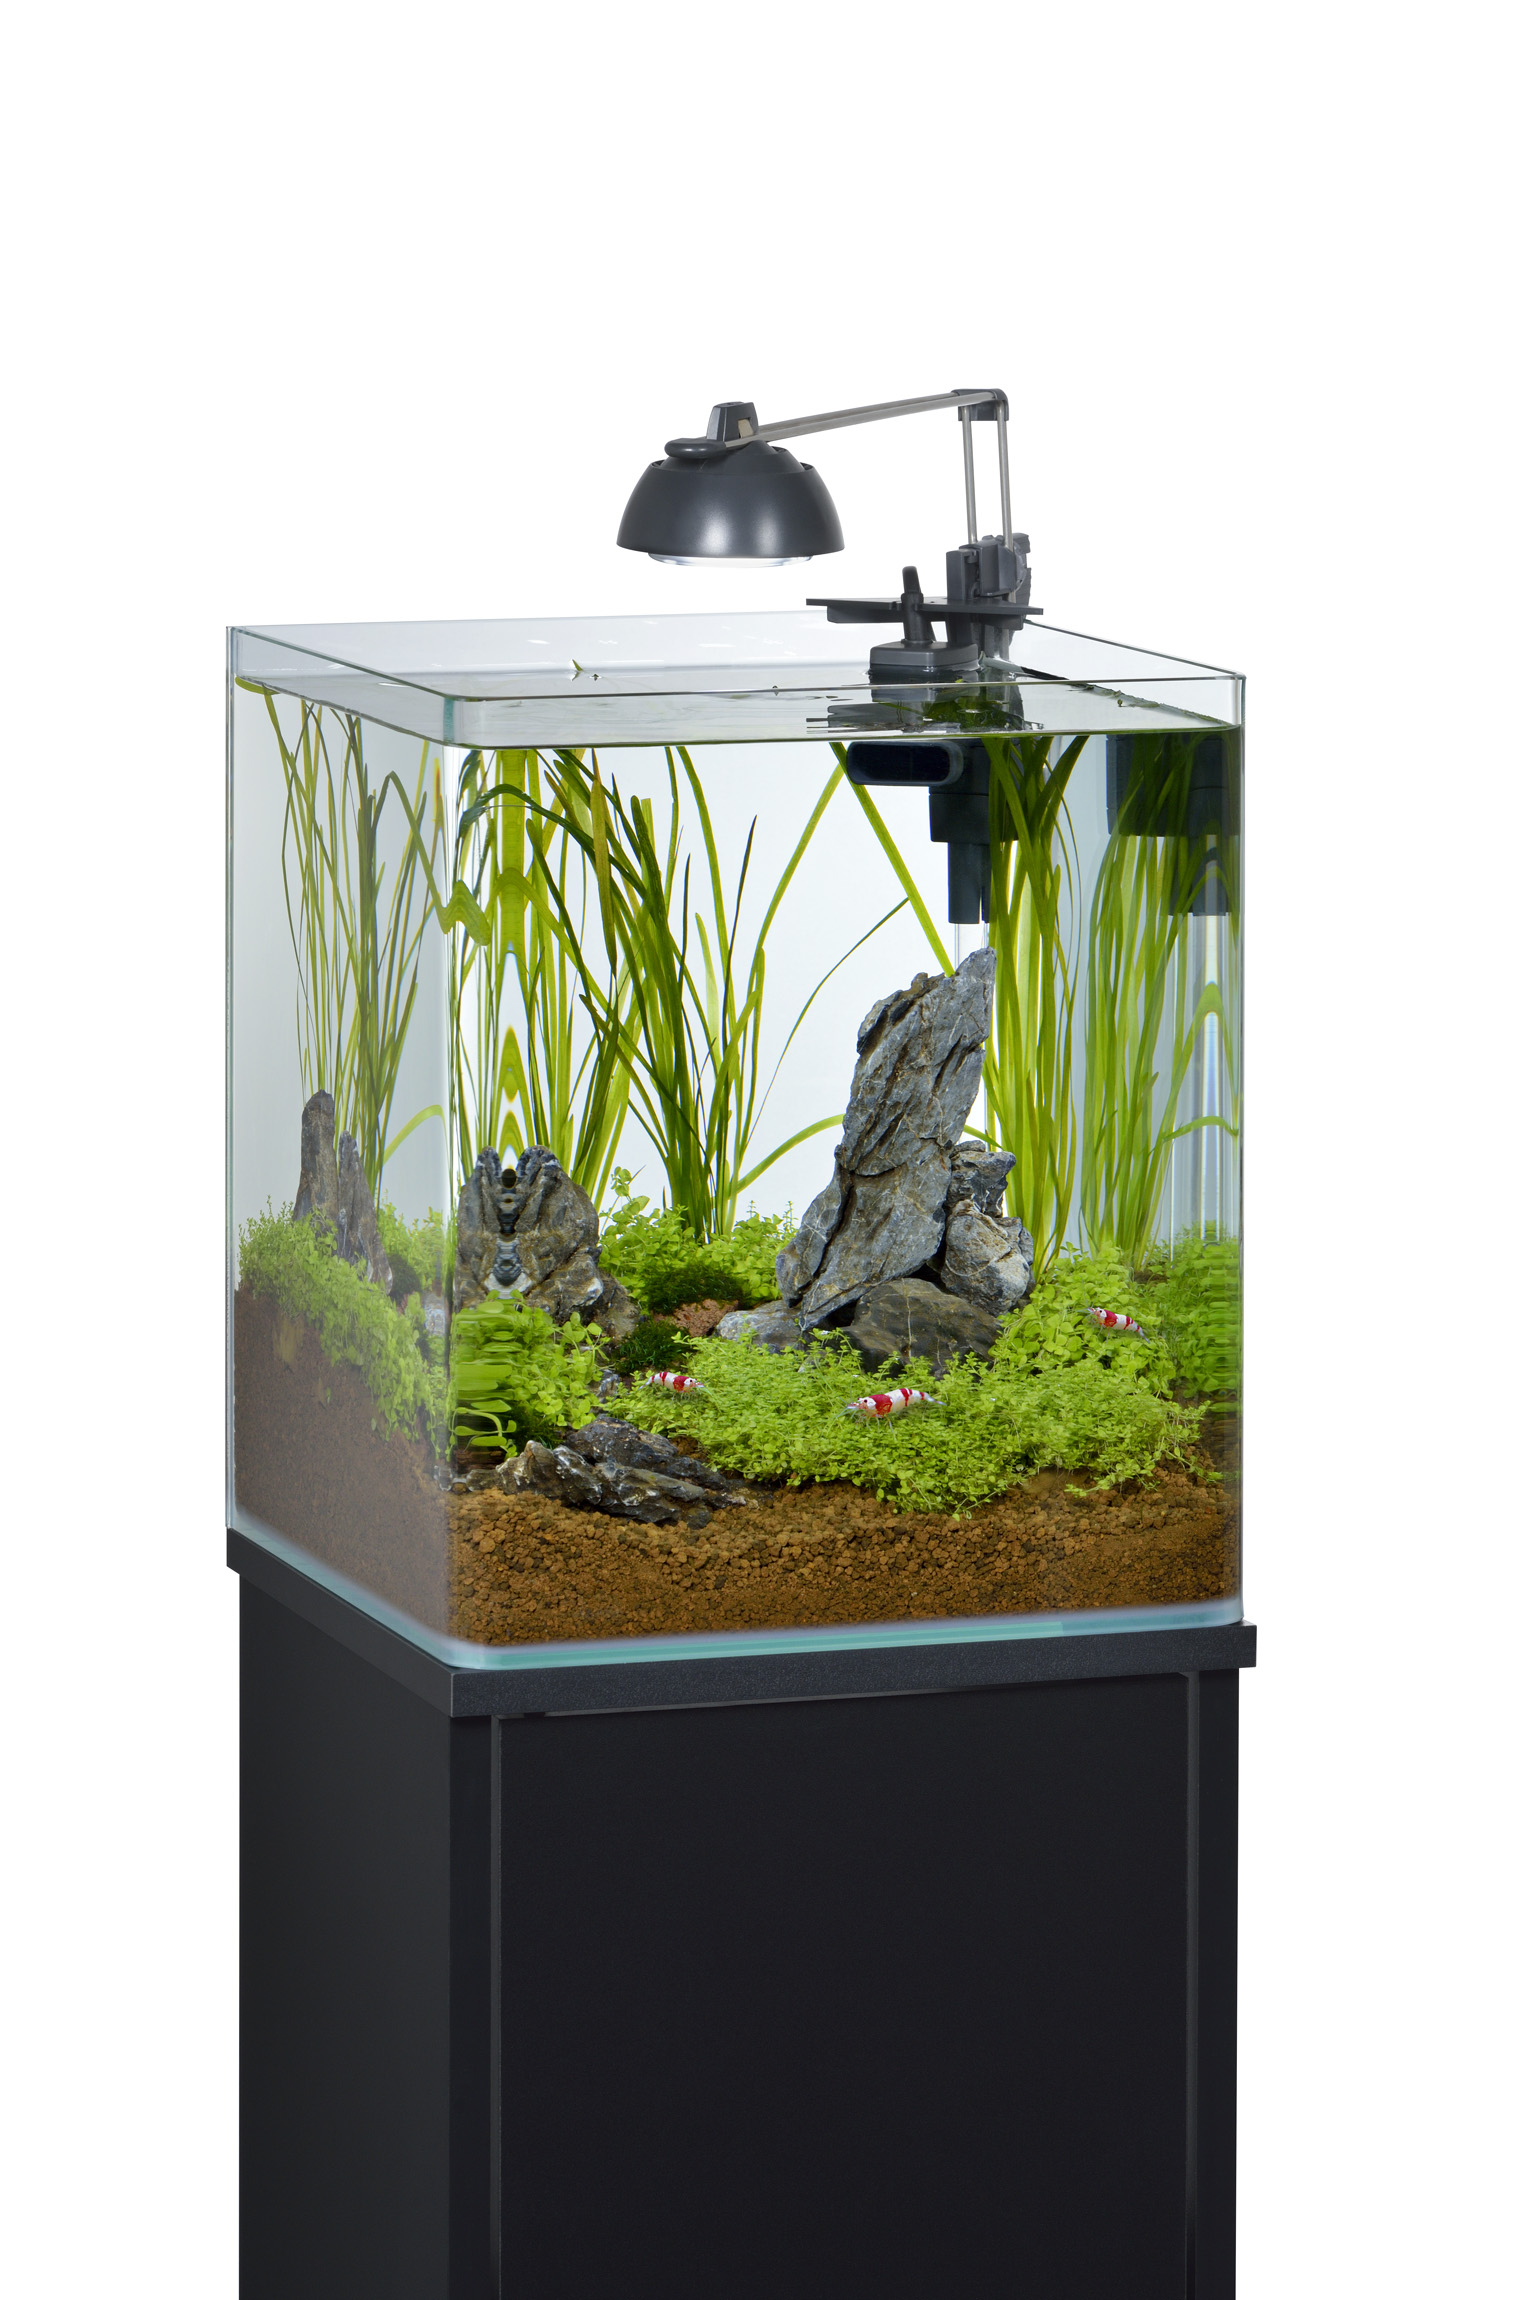 EHEIM nano shrimp | Galerie Wasserwelten